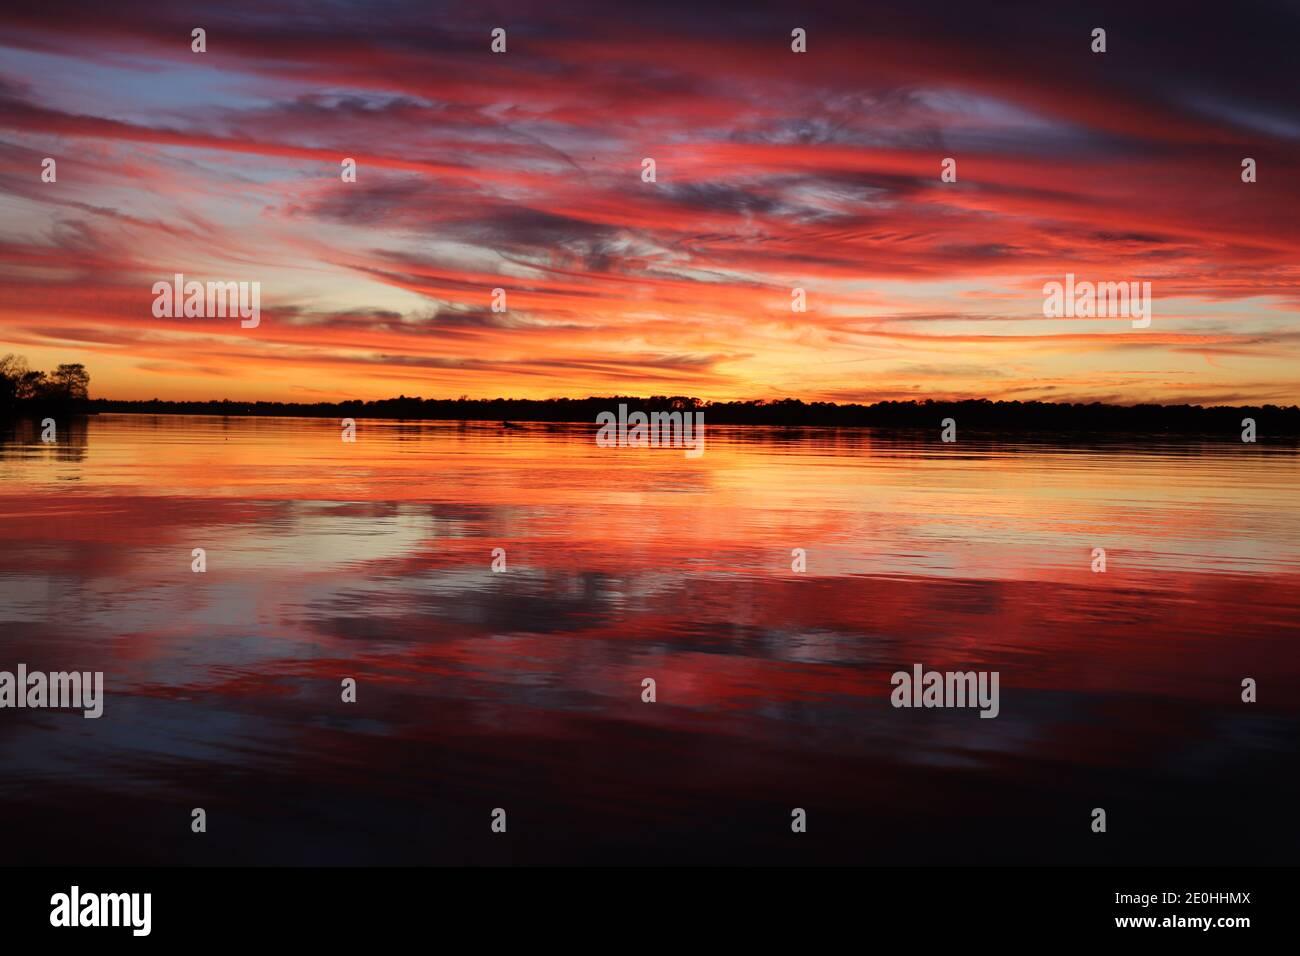 Puesta de sol con reflejos de espejo en la superficie del agua. Vibrantes colores de remolinos rojos y dorados desde el cielo azul hasta el tranquilo horizonte arbolado. Foto de stock